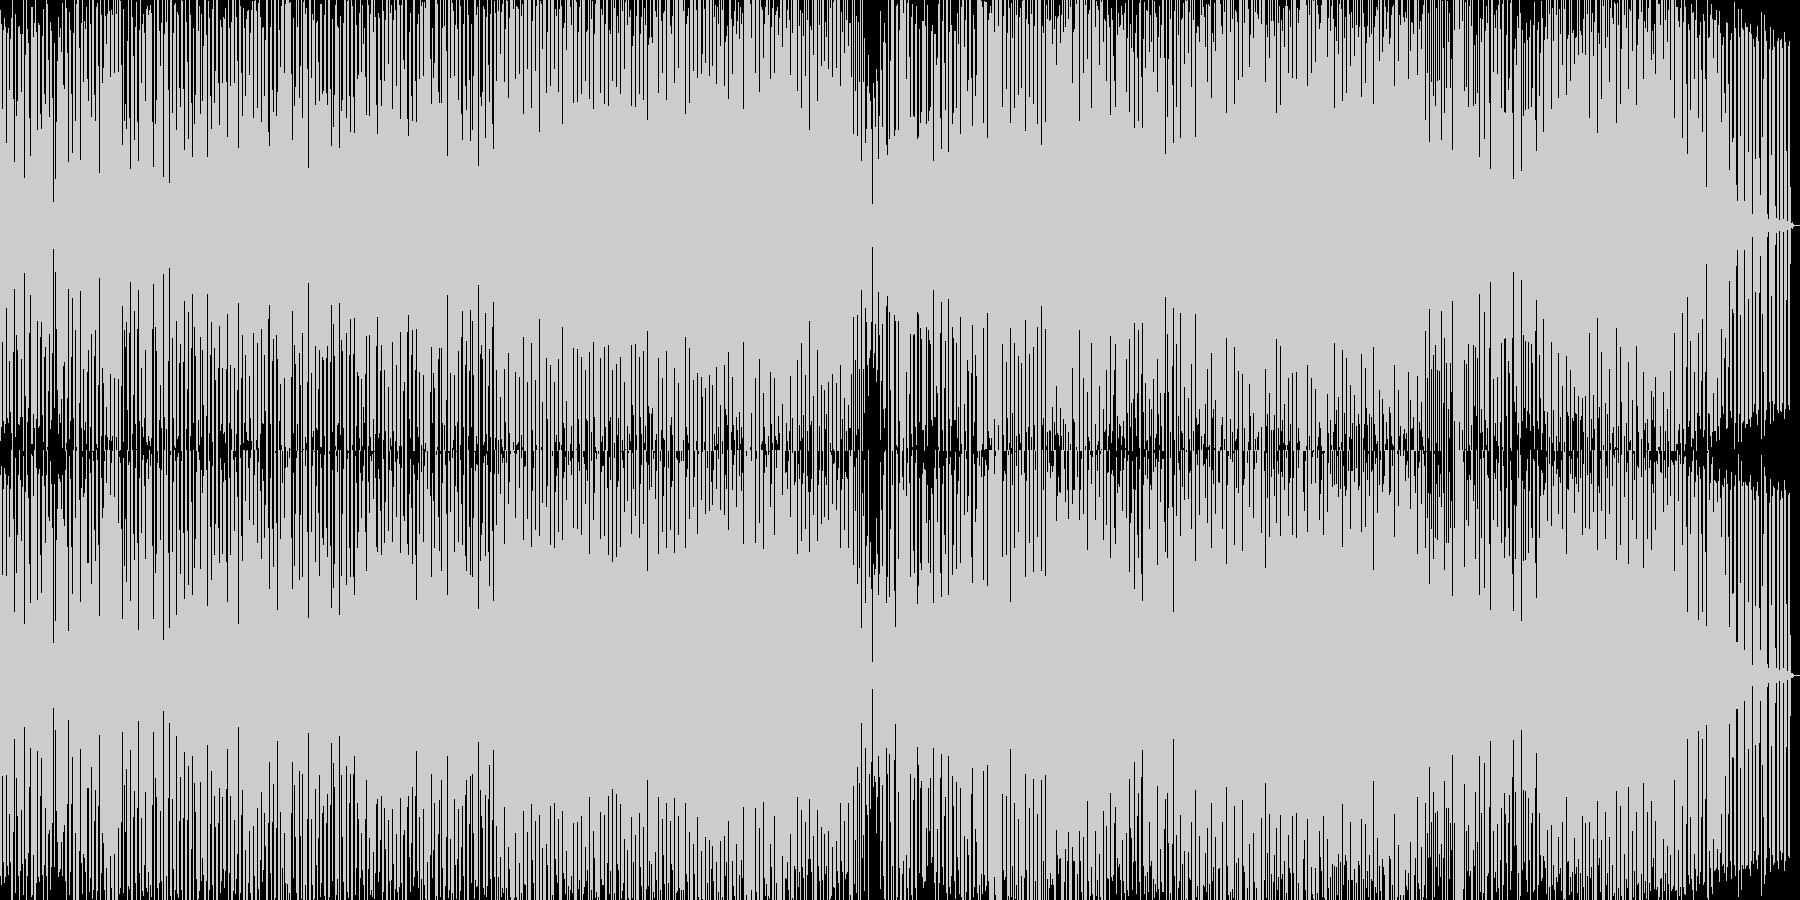 ゆったり目なミニマルハウスの未再生の波形